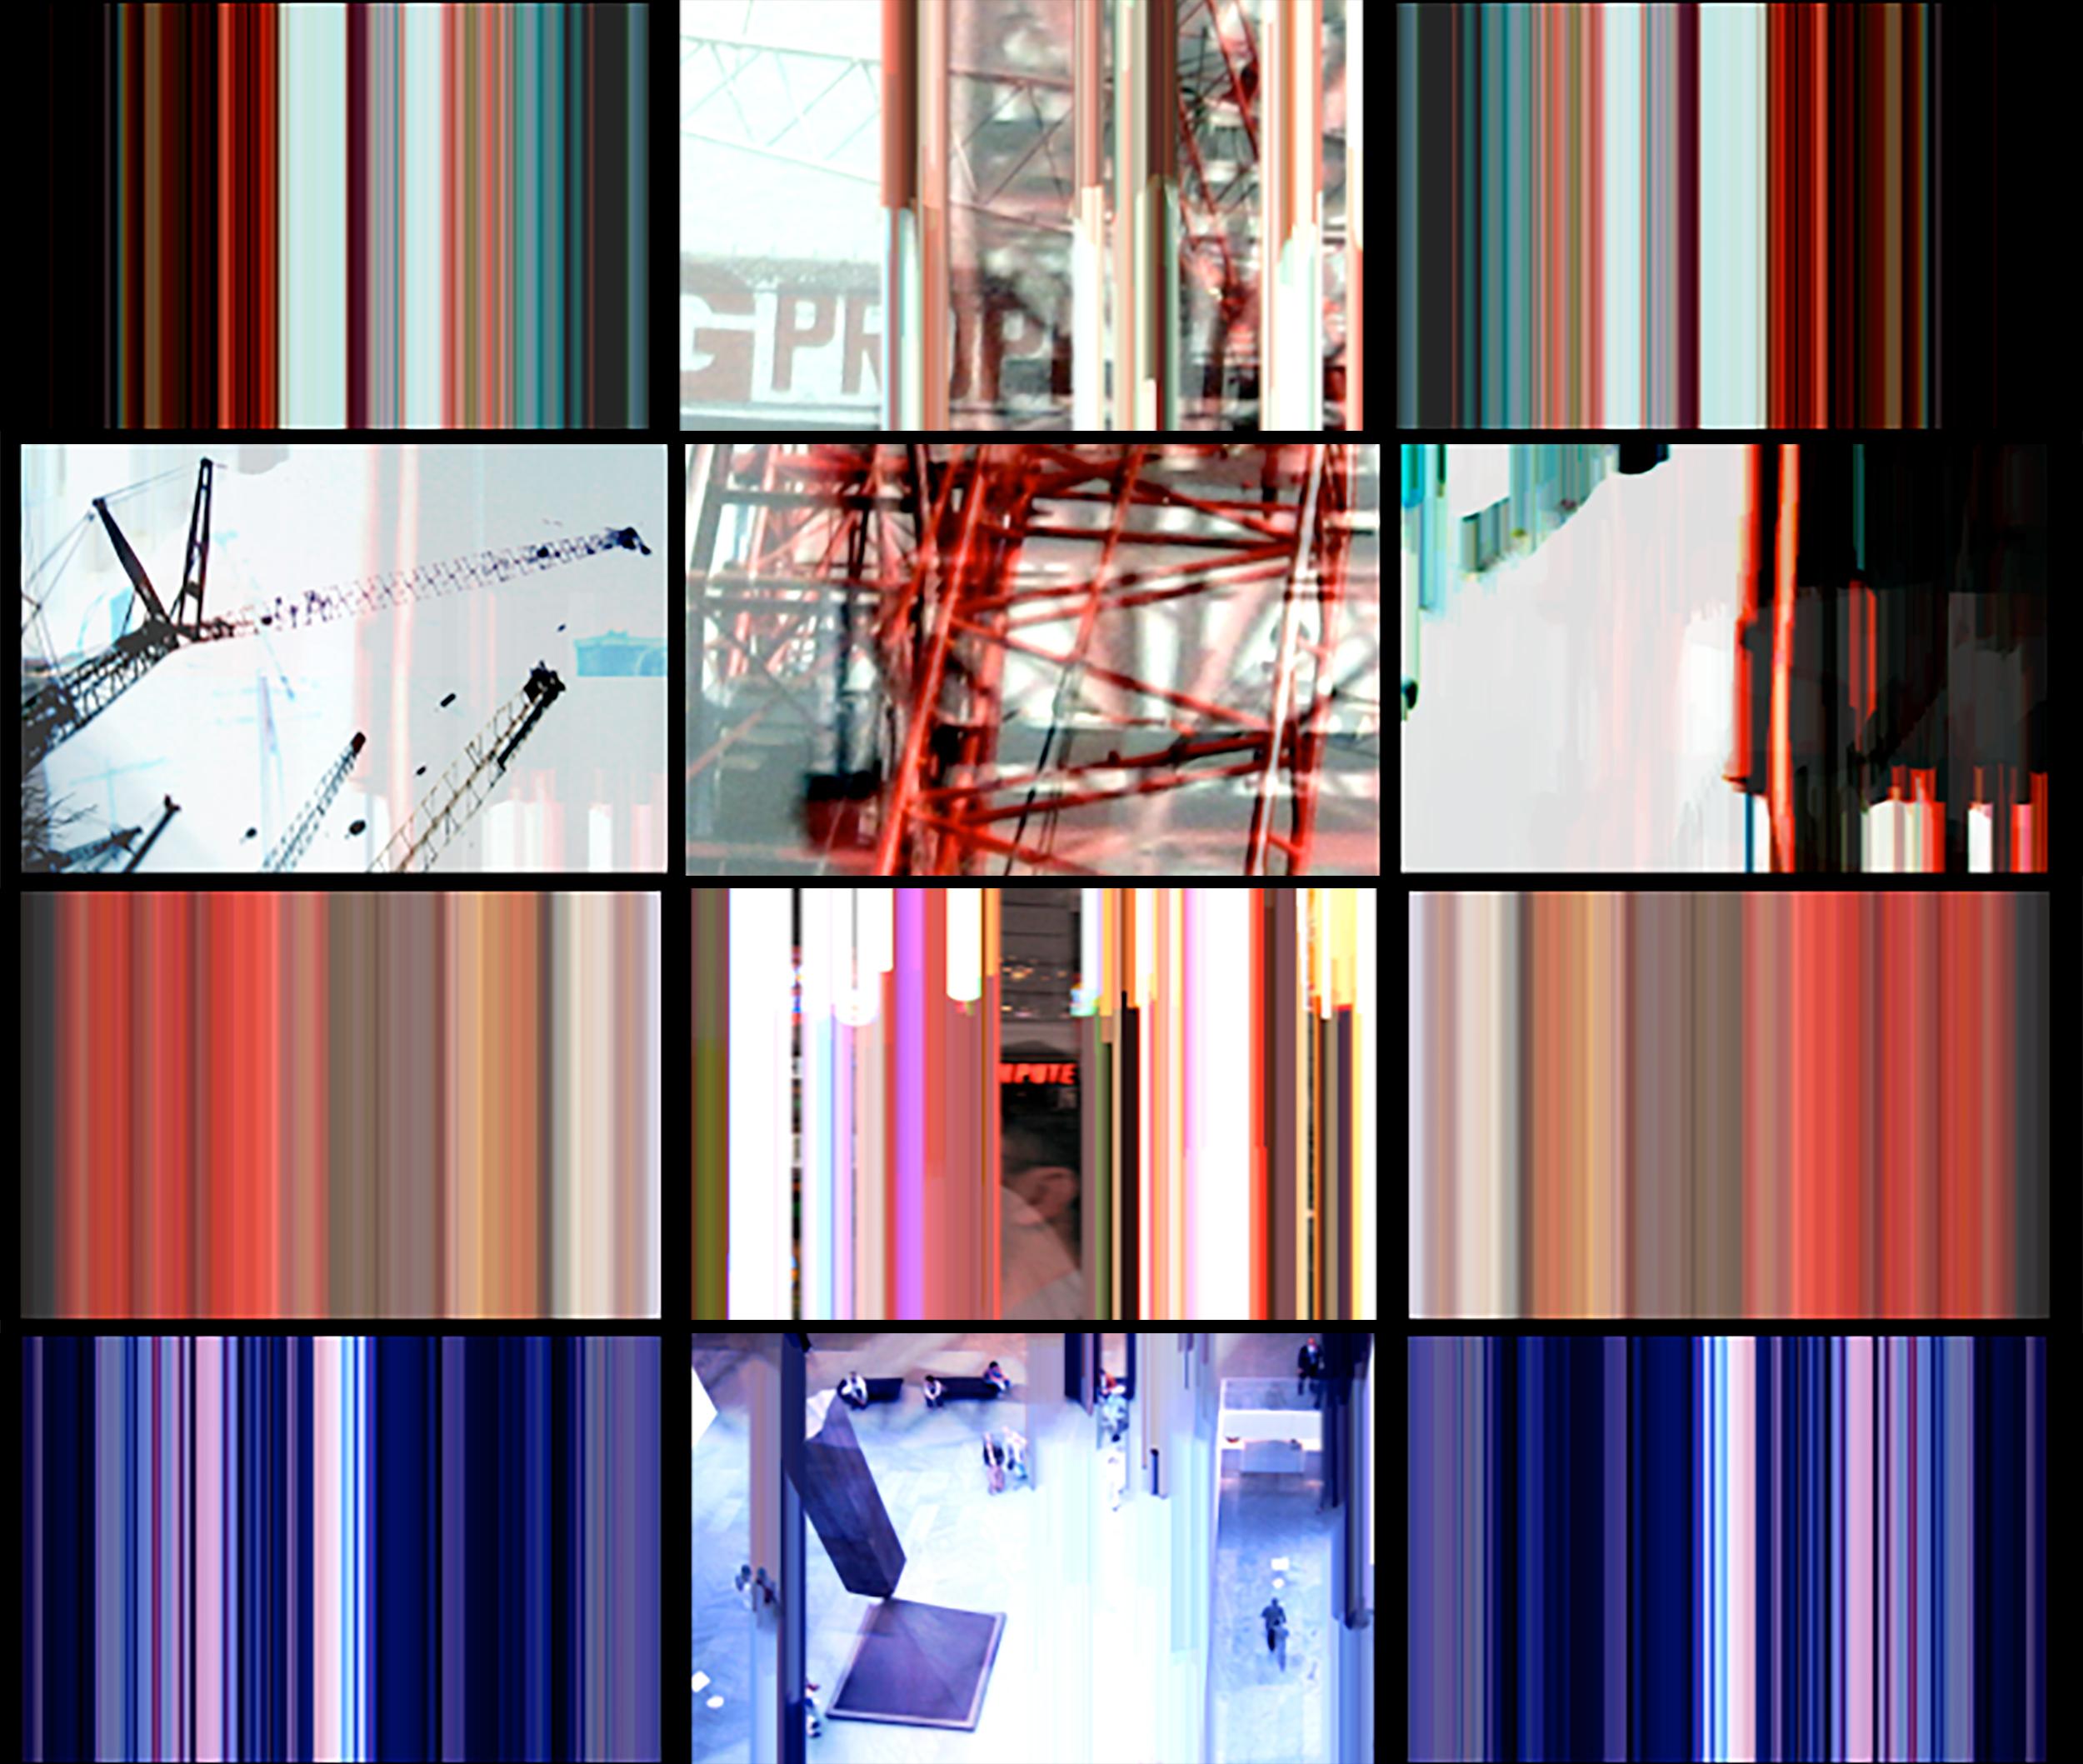 Transient still frames